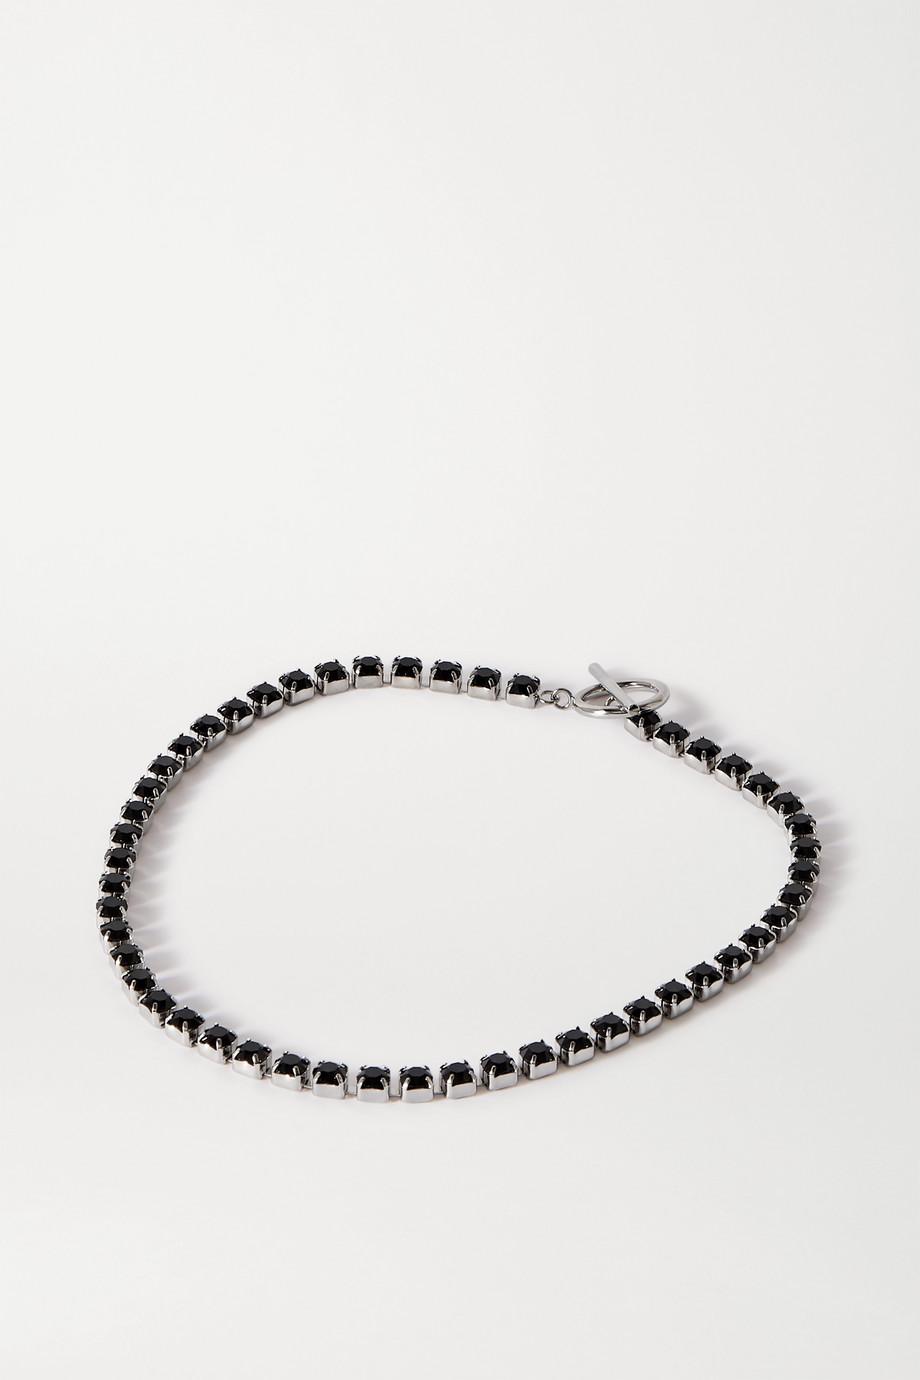 Isabel Marant Silberfarbene Kette mit Kristallen